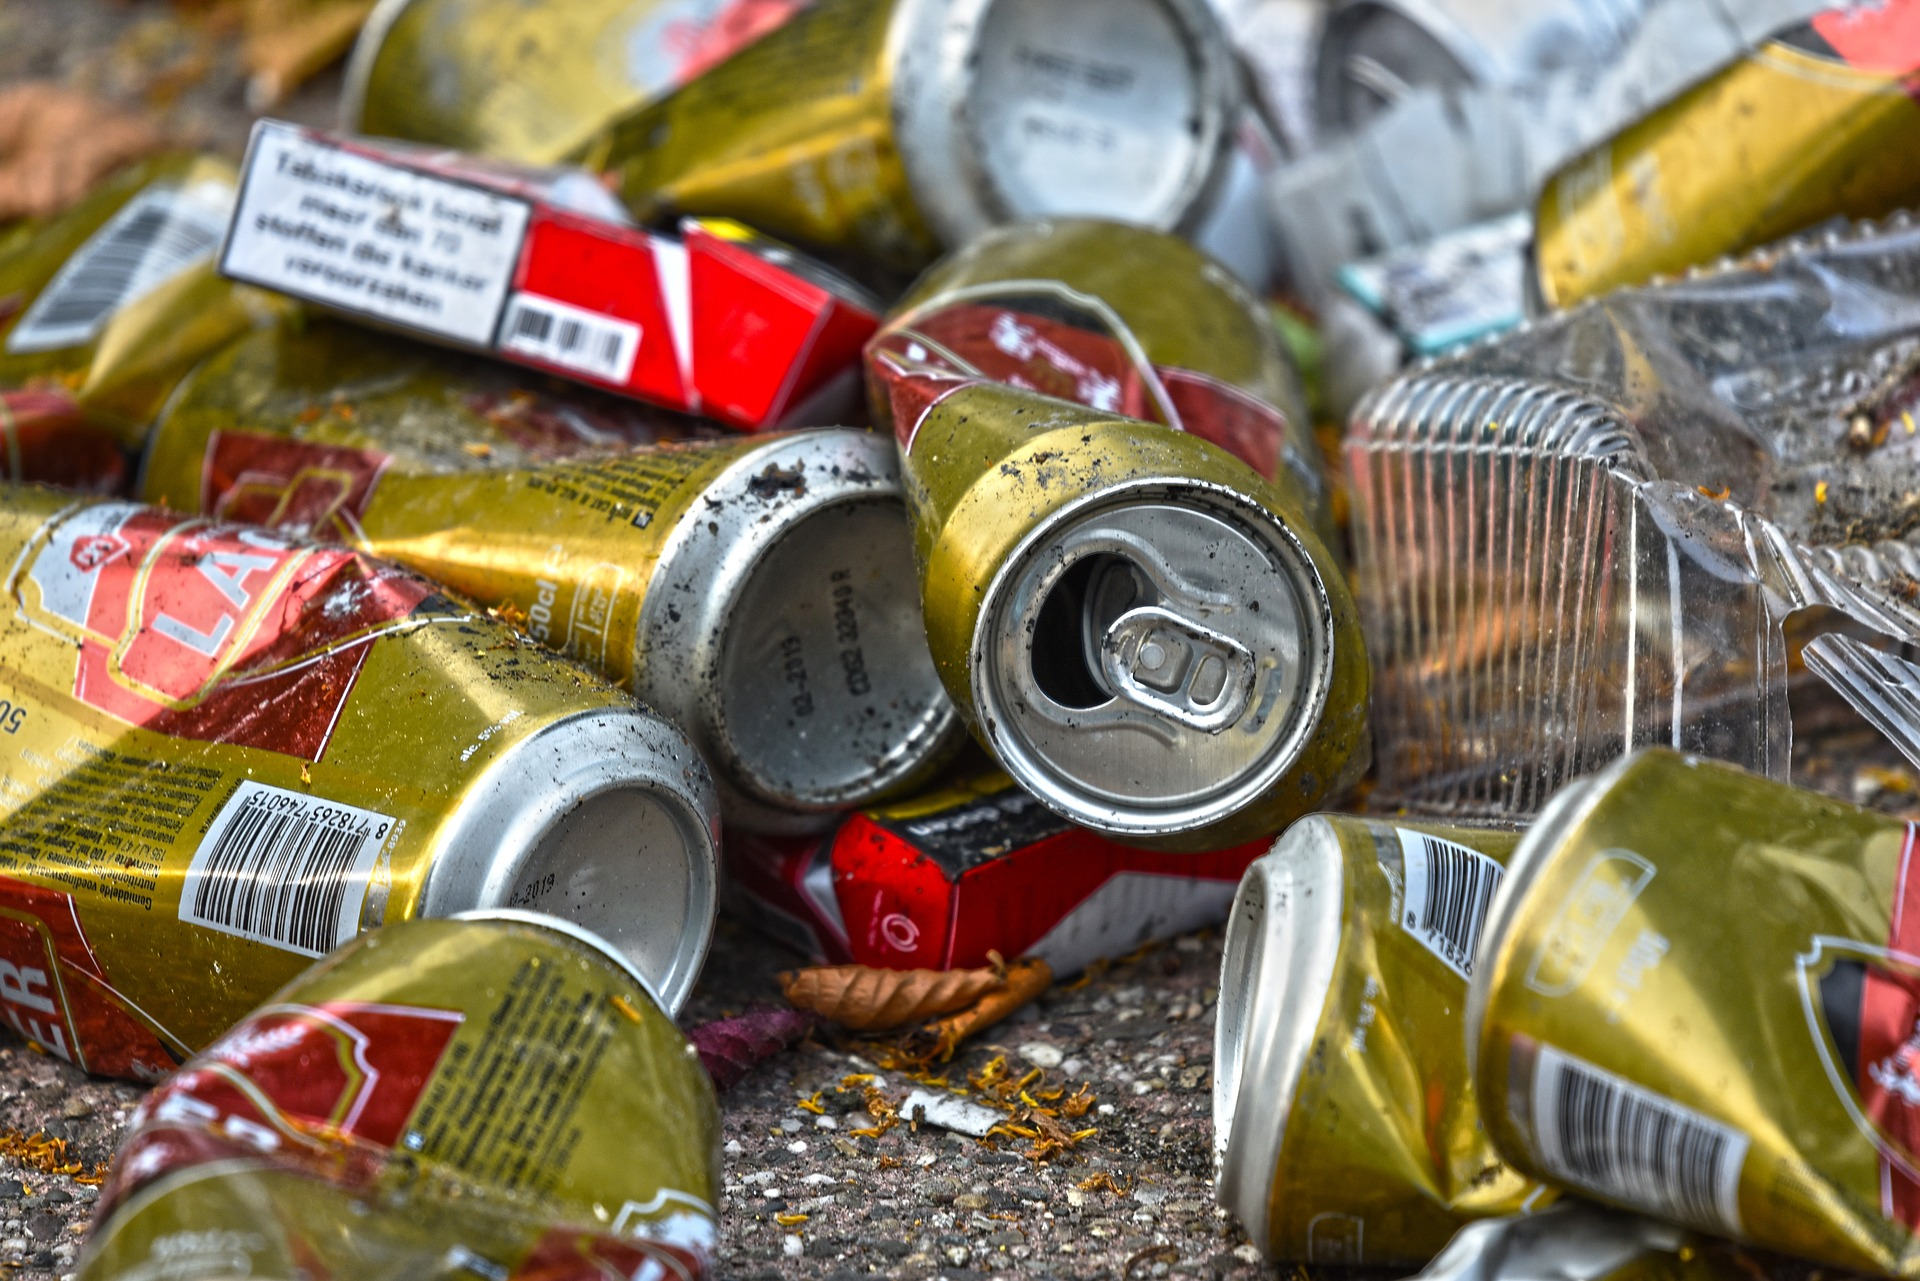 Le ramassage des ordures ménagères se poursuit normalement.| Image par Mabel Amber de Pixabay